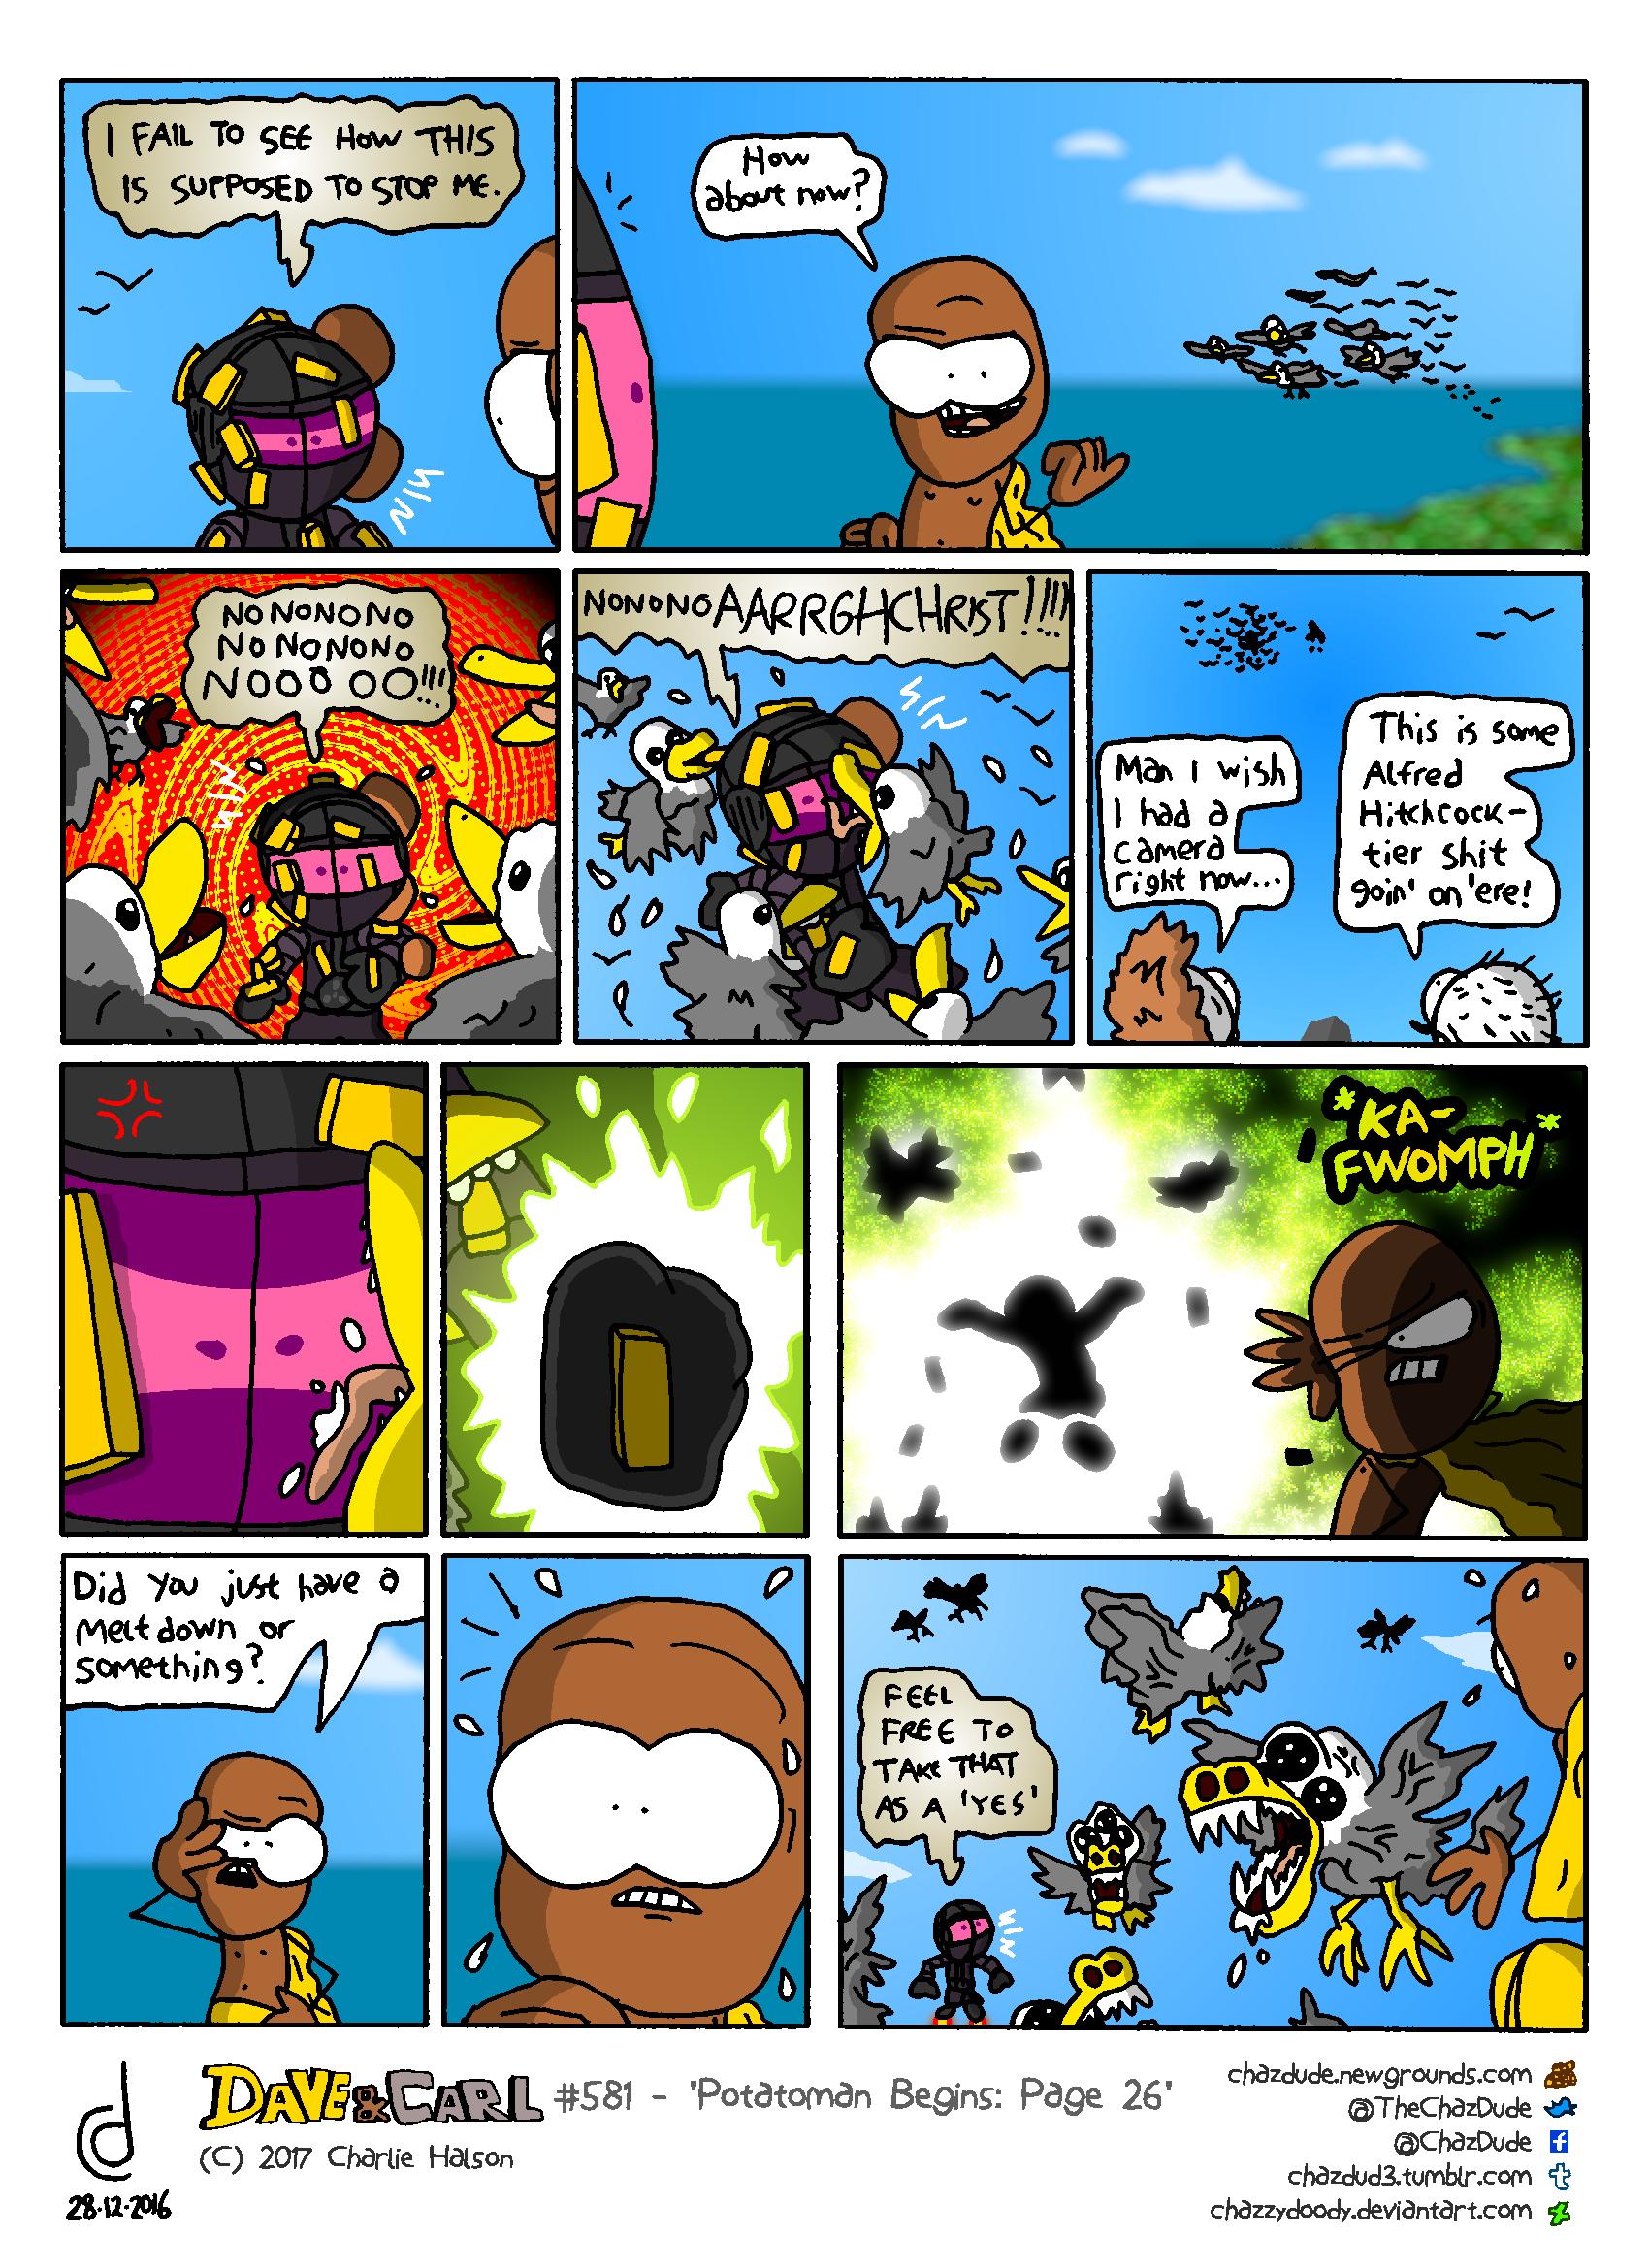 Potatoman Begins: Page 26